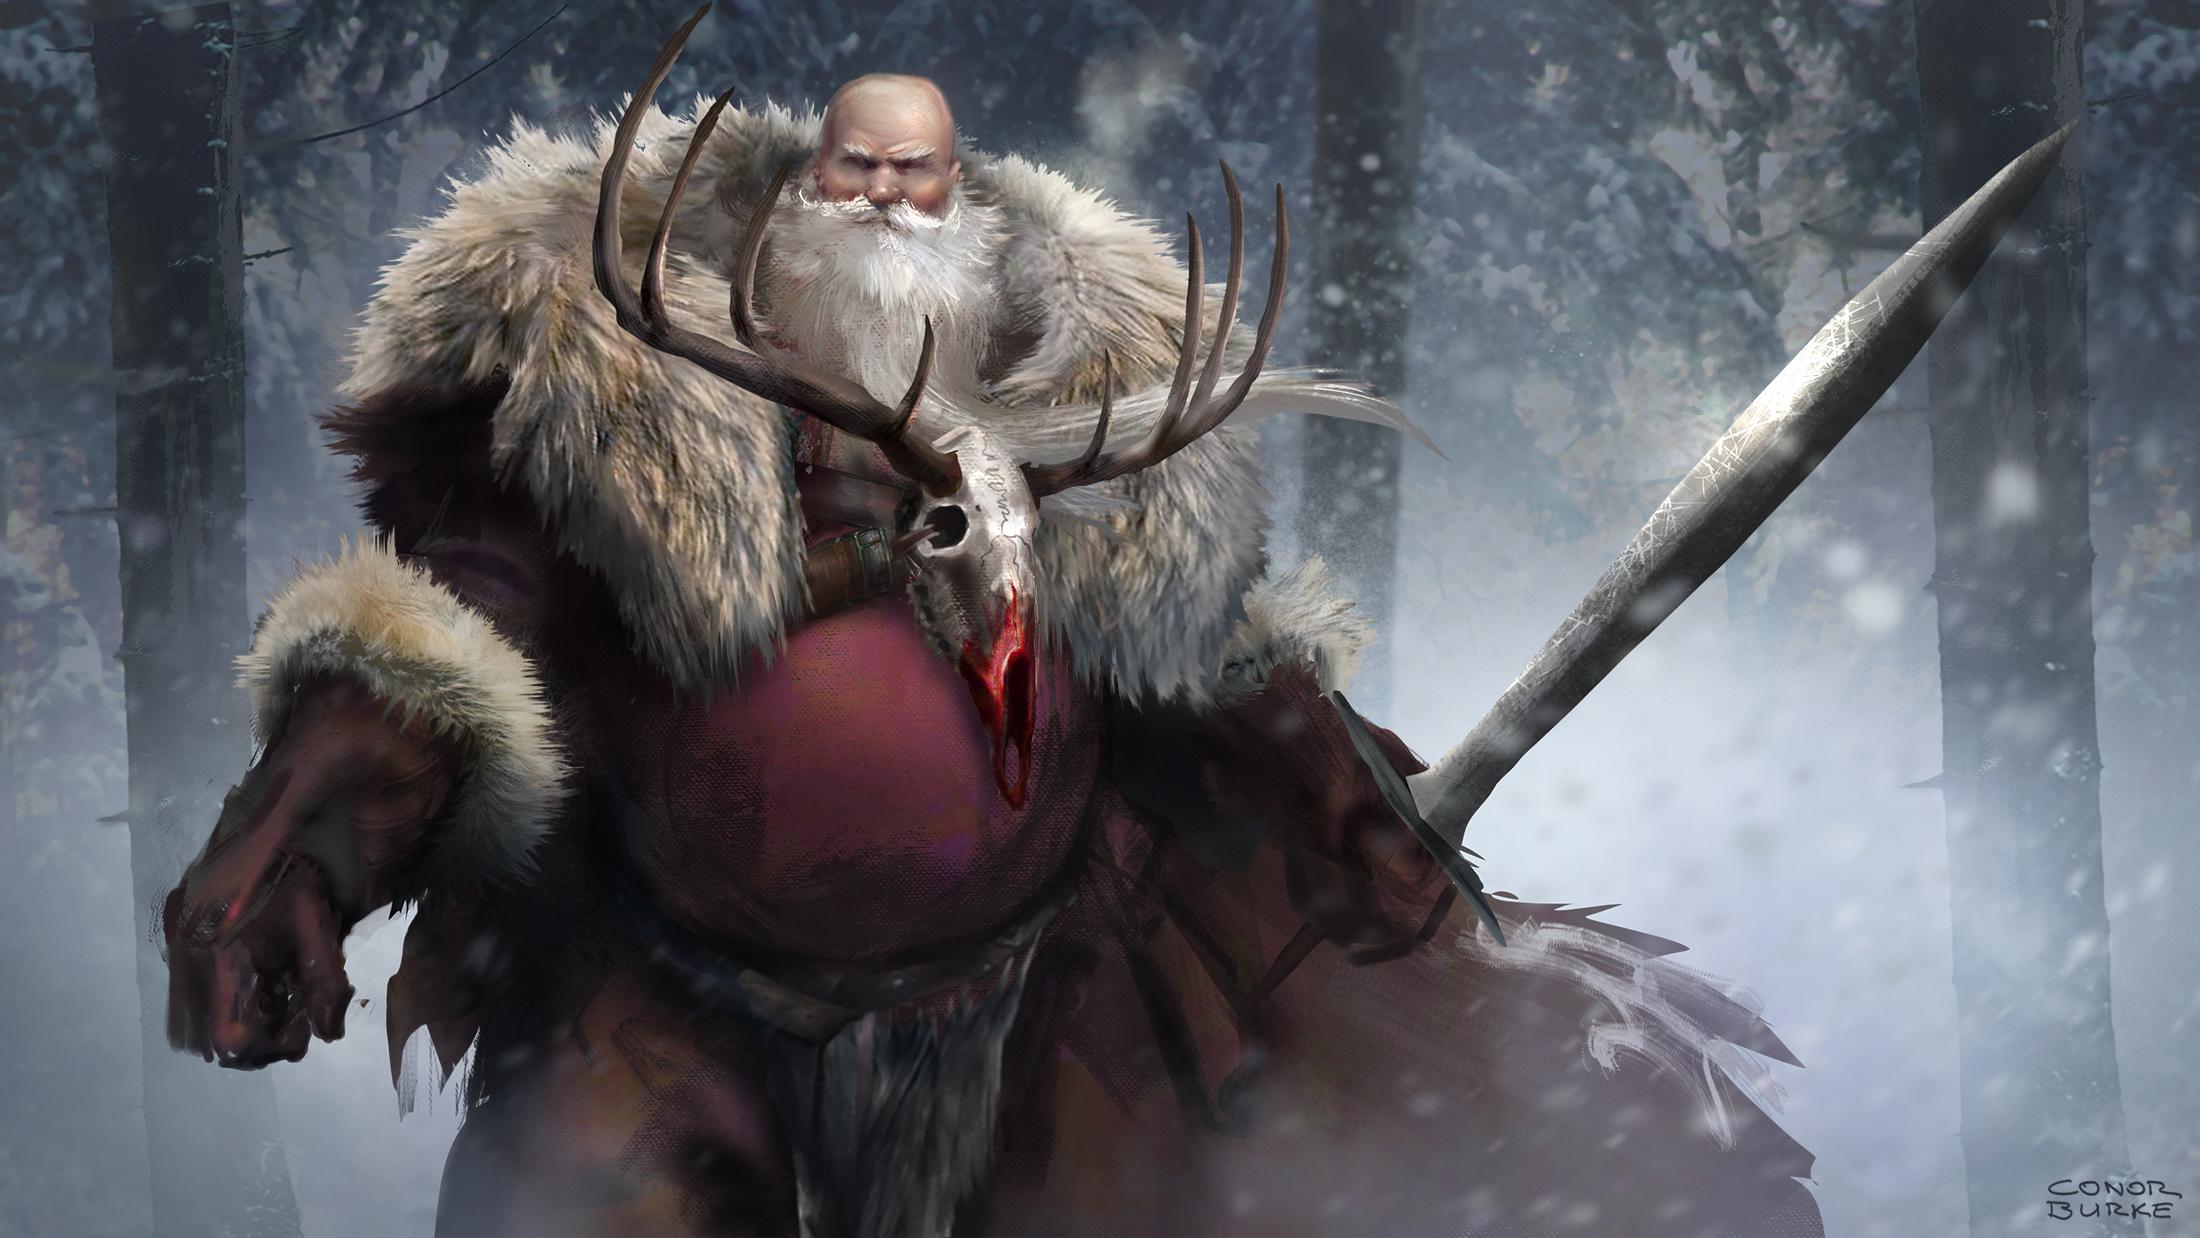 1387-santa-the-barbarian-conor-burke